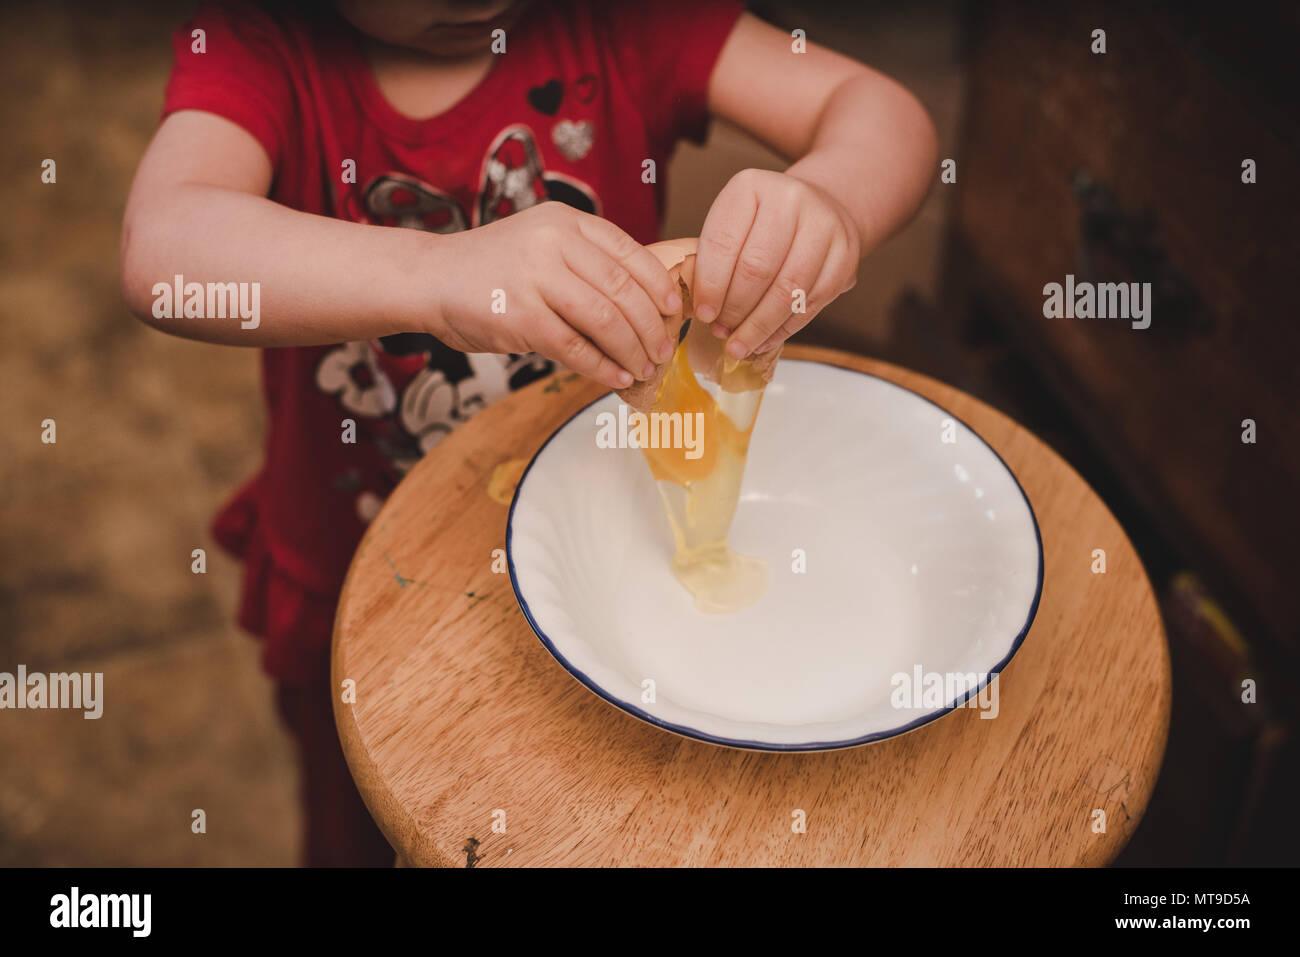 A toddler cracking a farm fresh egg into a bowl. Stock Photo